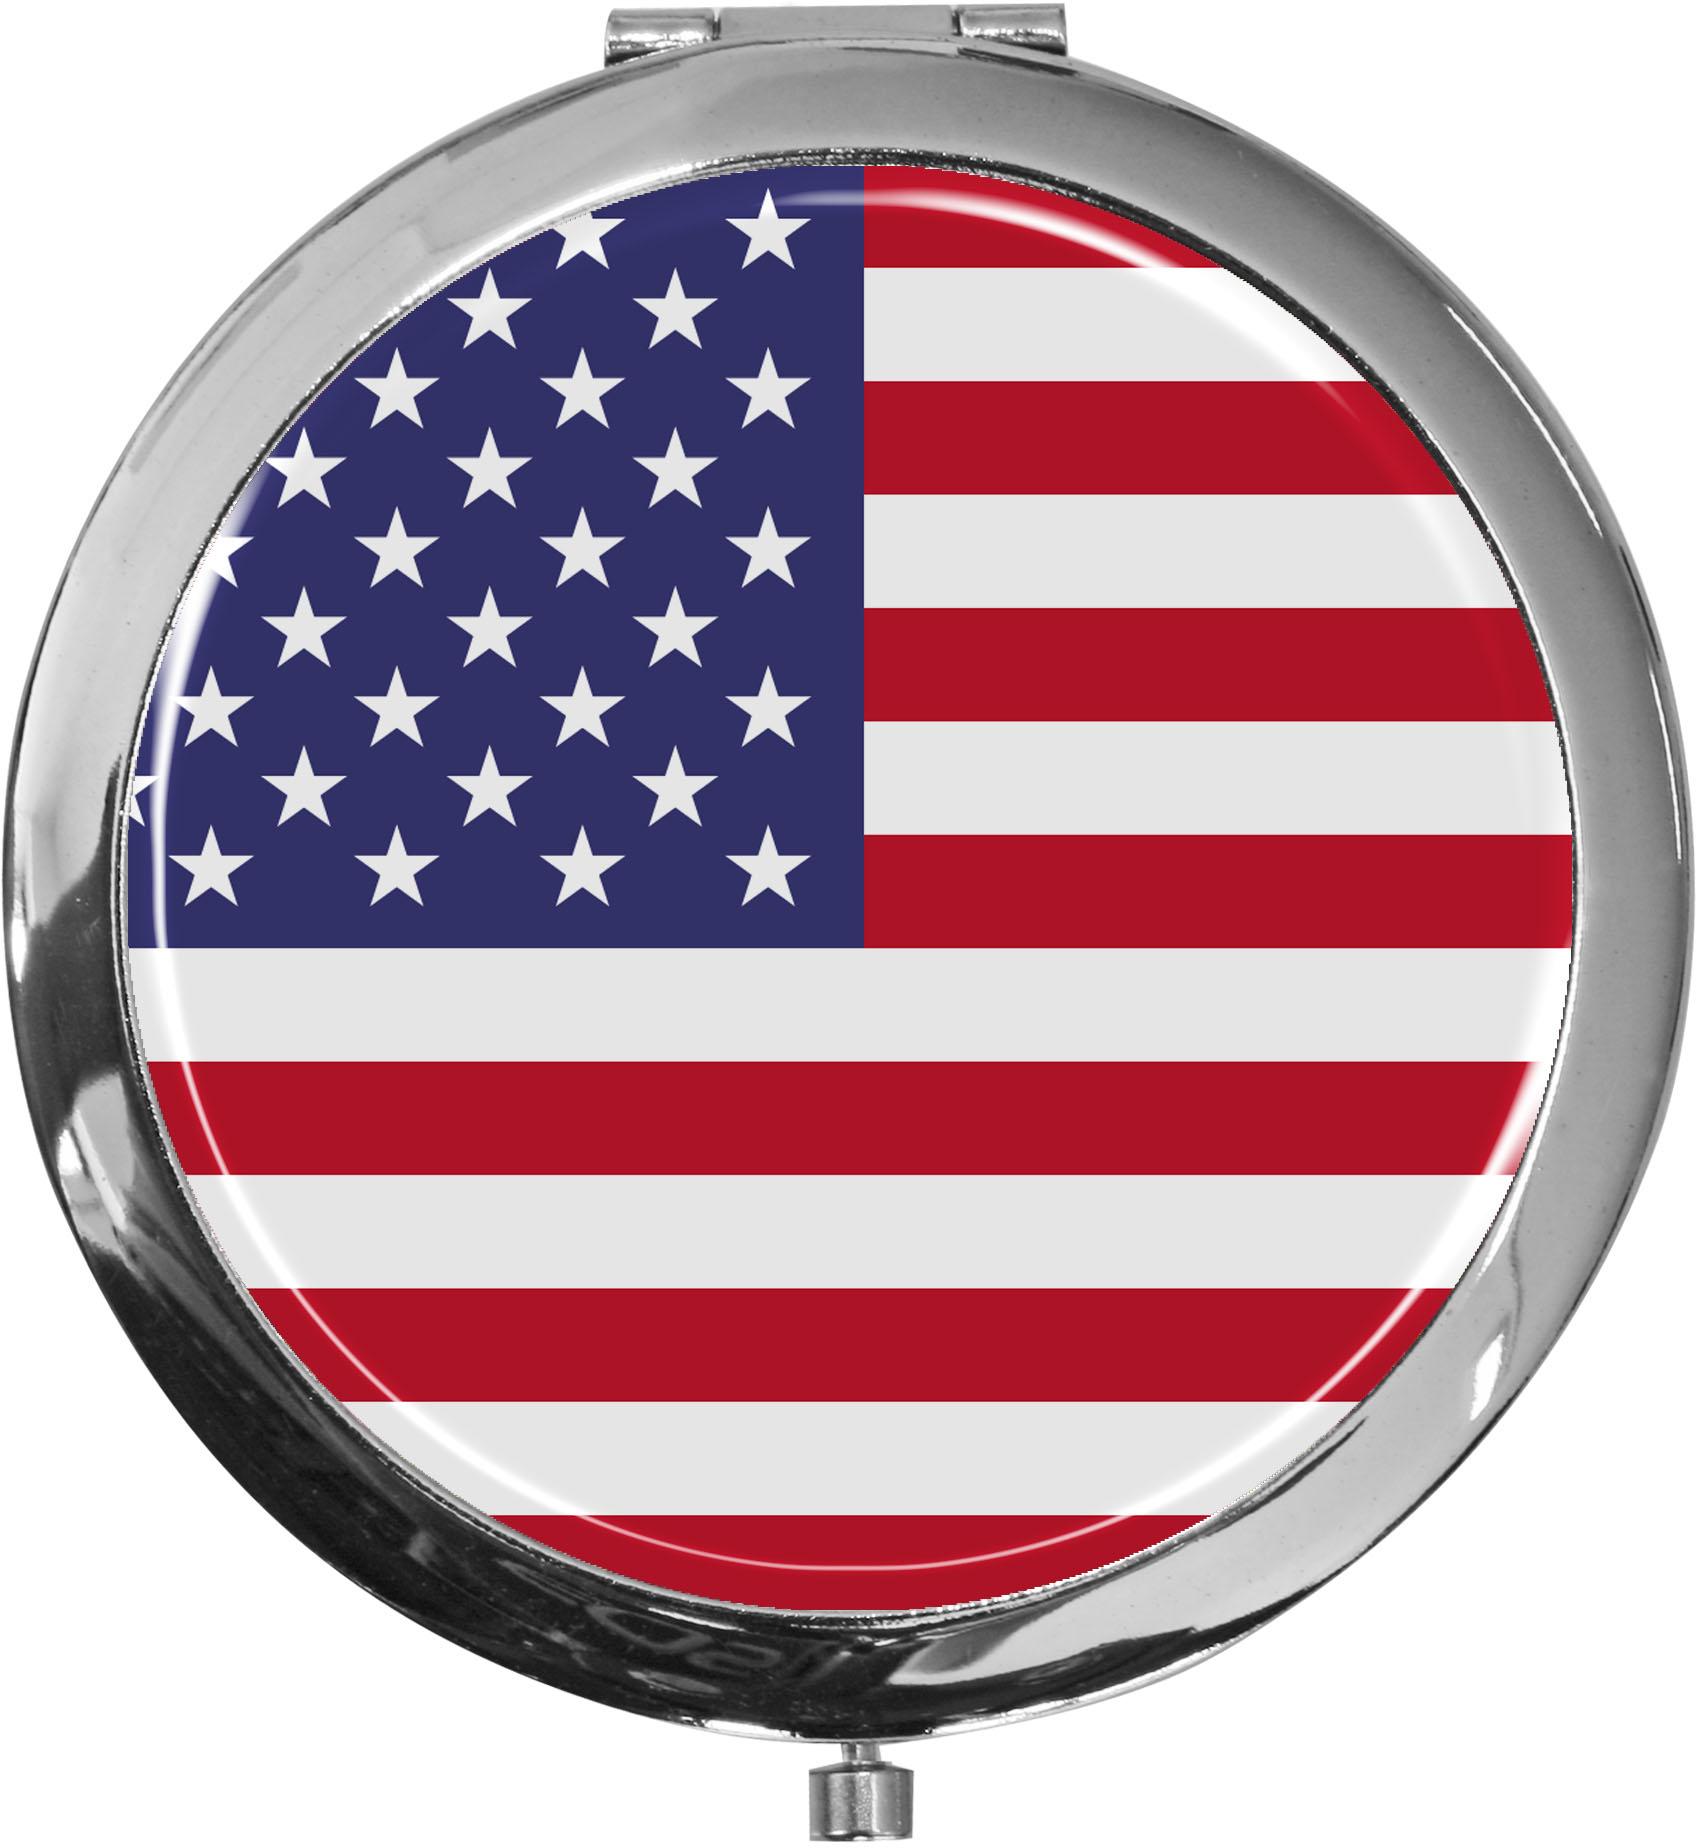 Taschenspiegel / Spiegel / Flagge USA / 2 fache Vergrößerung